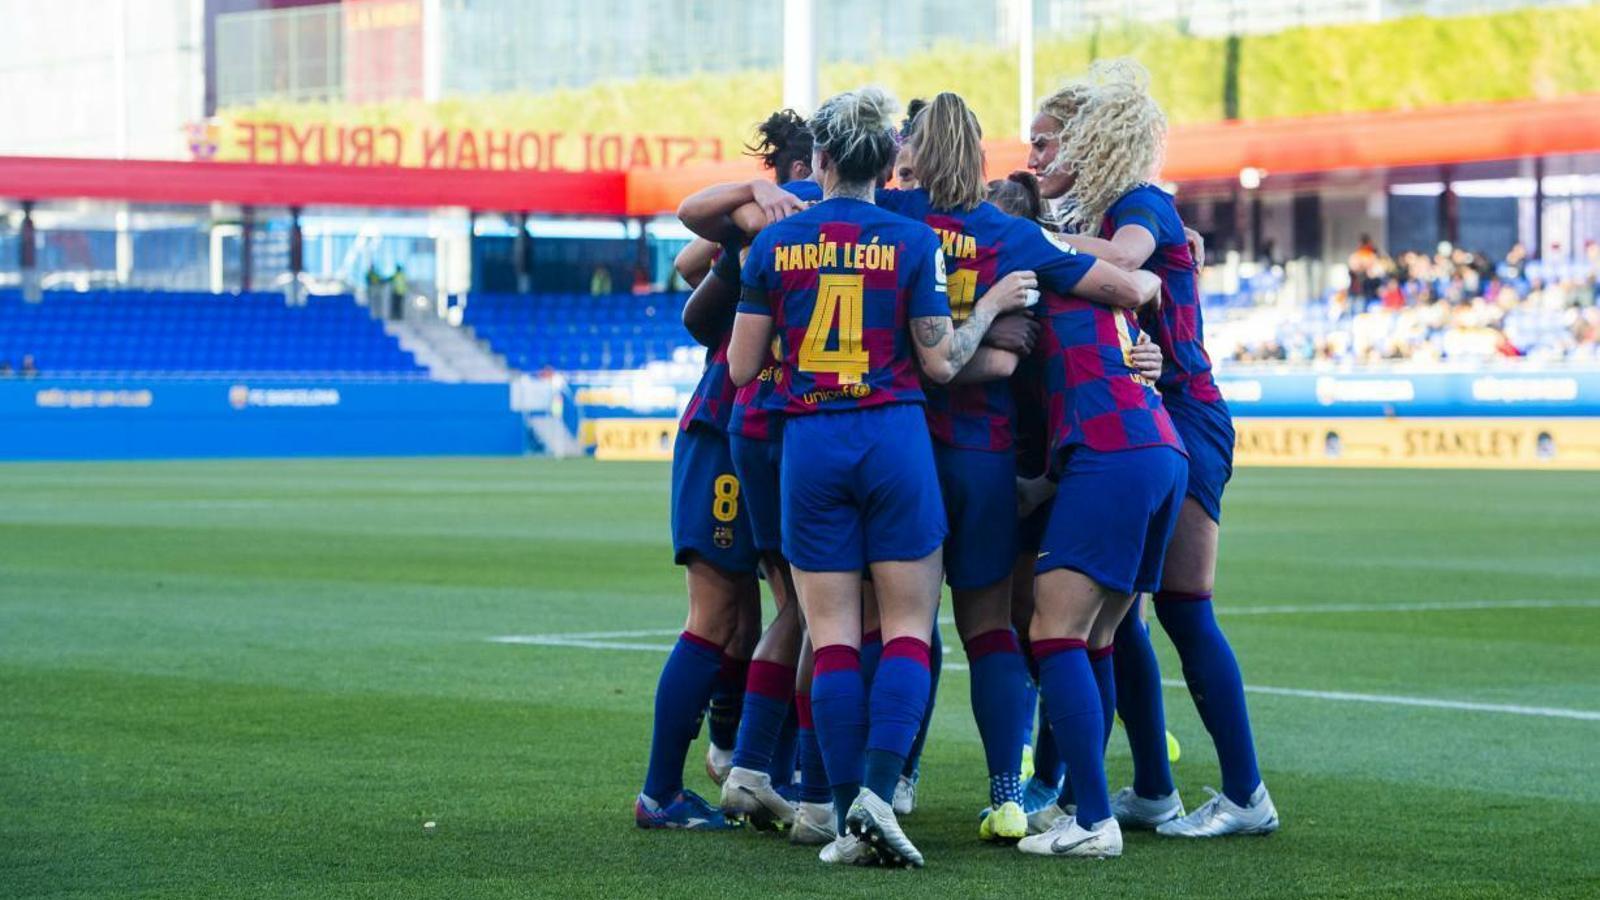 Les jugadores del Barça celebren un gol